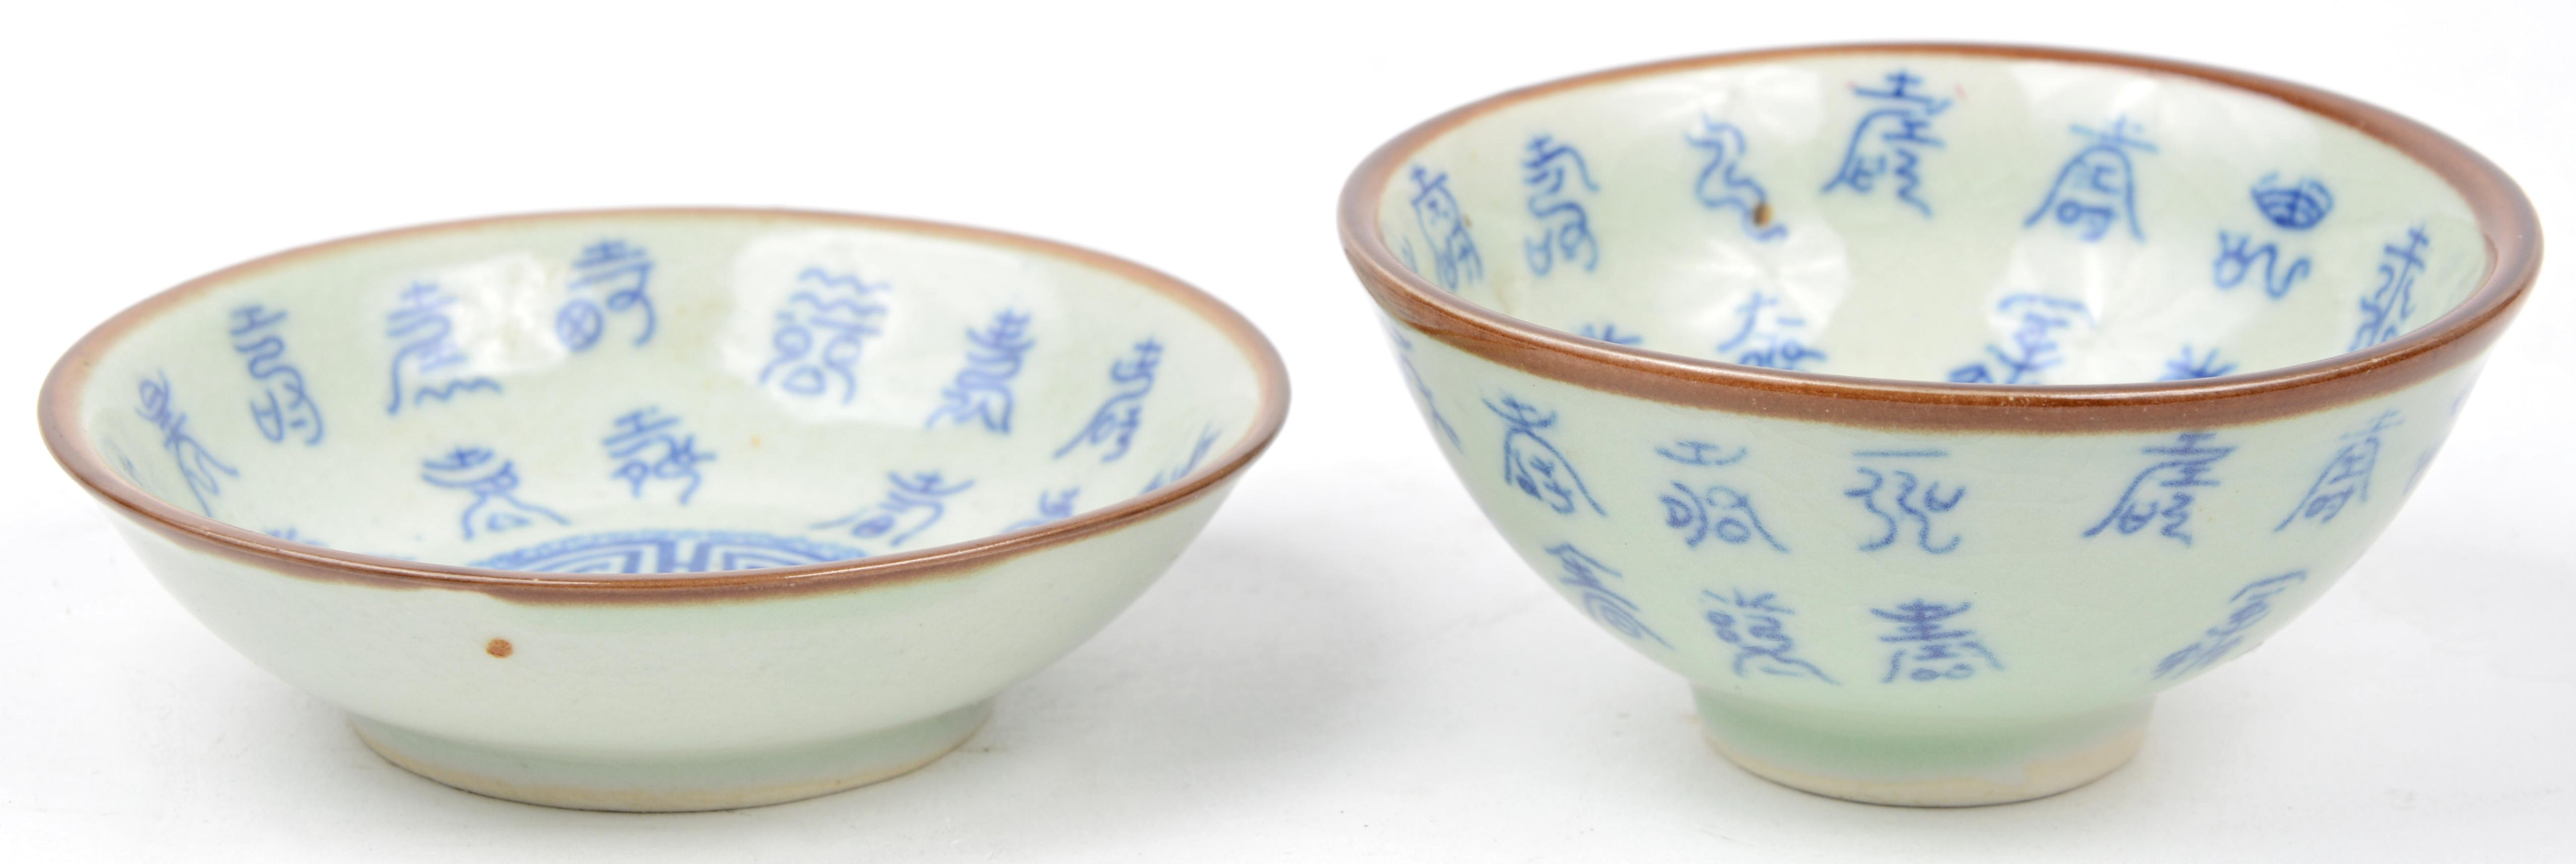 Chinees Porselein Merktekens Japans Porselein.Een Kommetje Met Schoteltje Van Chinees Porselein Met Een Blauw